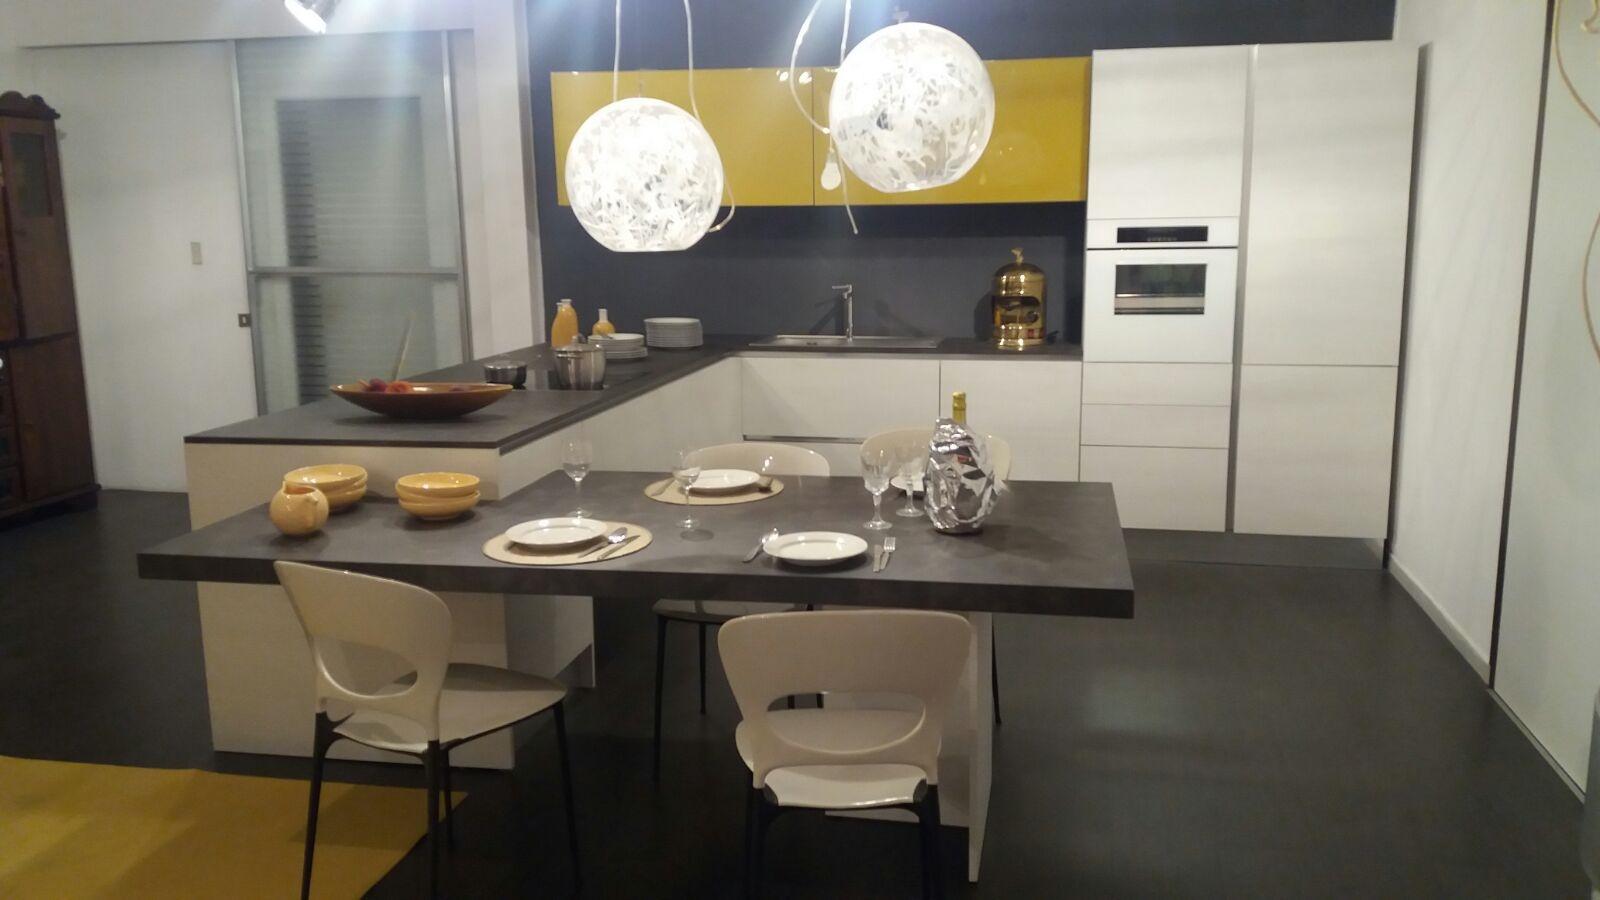 cucina modello city ray bianco opaco con pensili in vetro